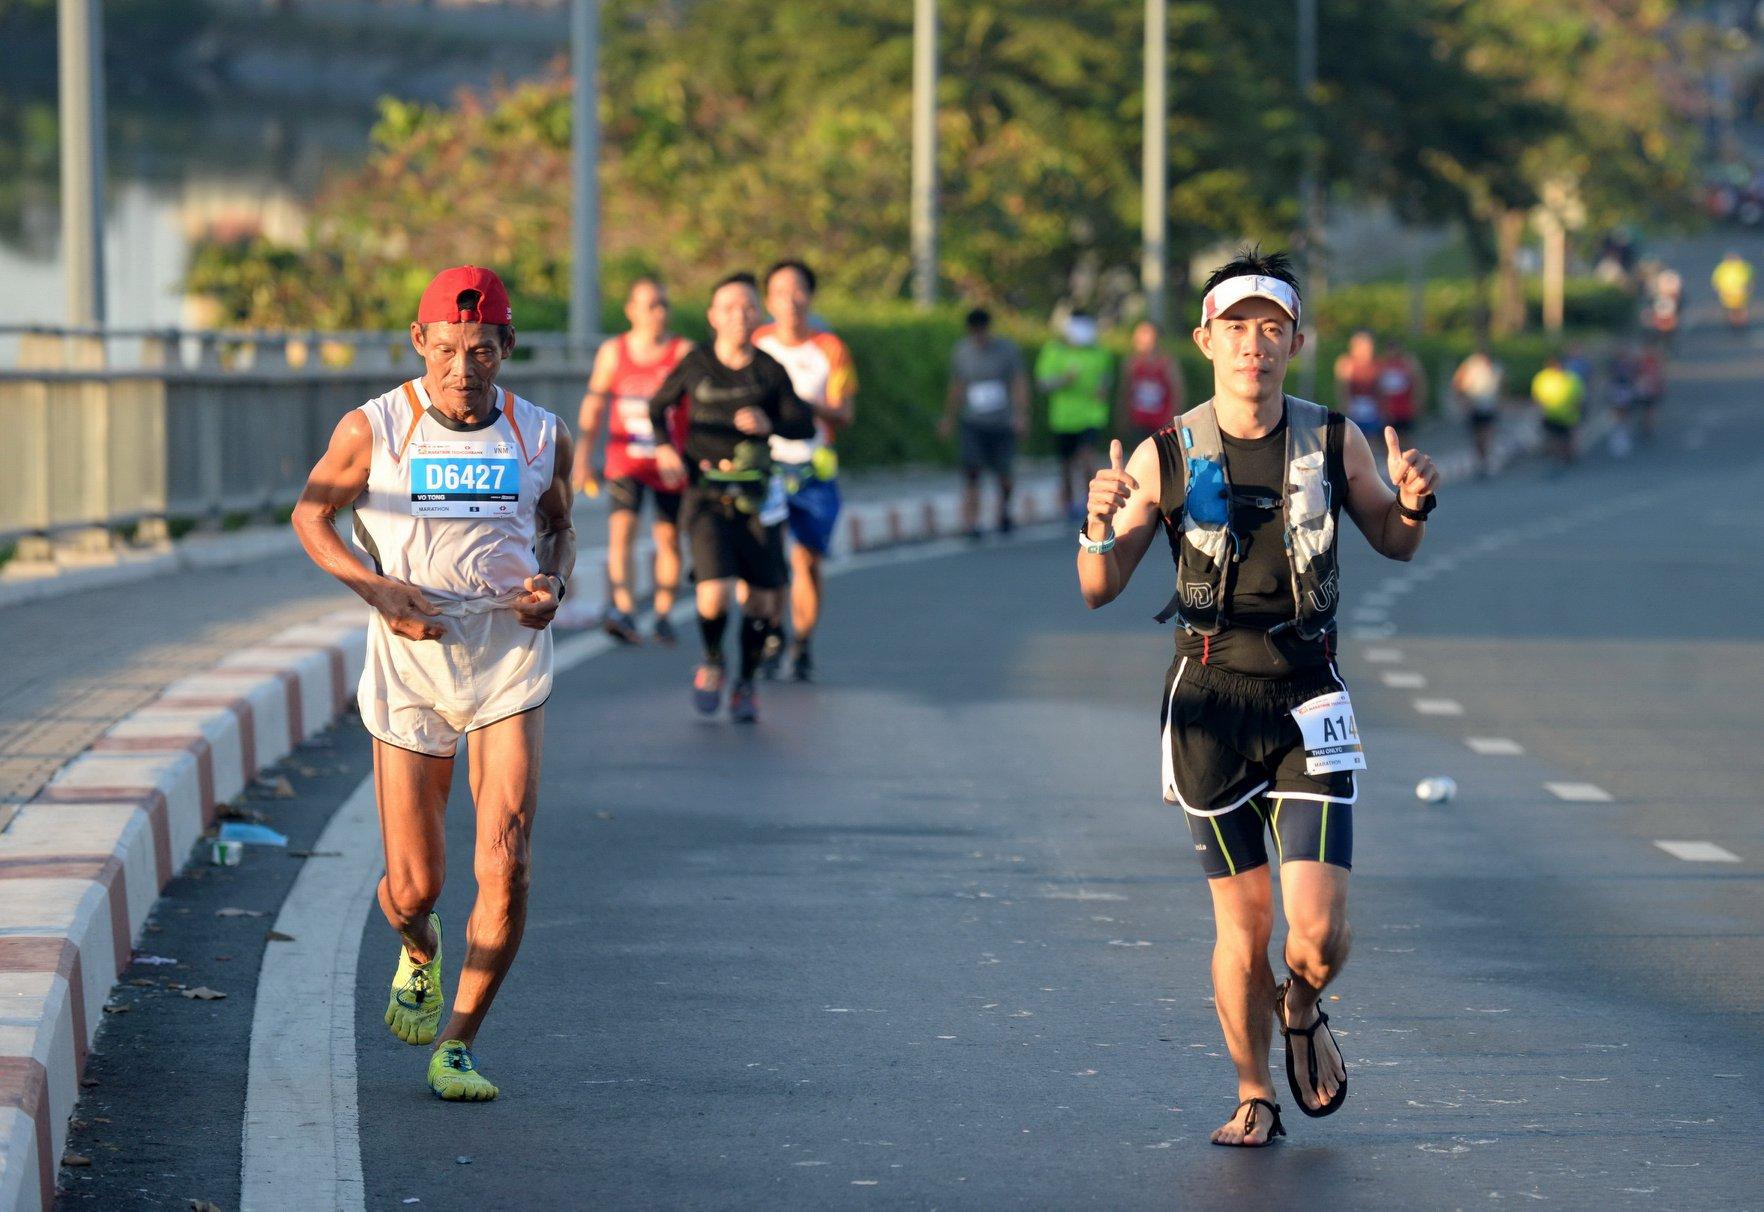 VĐV lớn tuổi Võ Tòng và vđv Thái OnlyC trên đường chạy marathon. | Ảnh: TTD